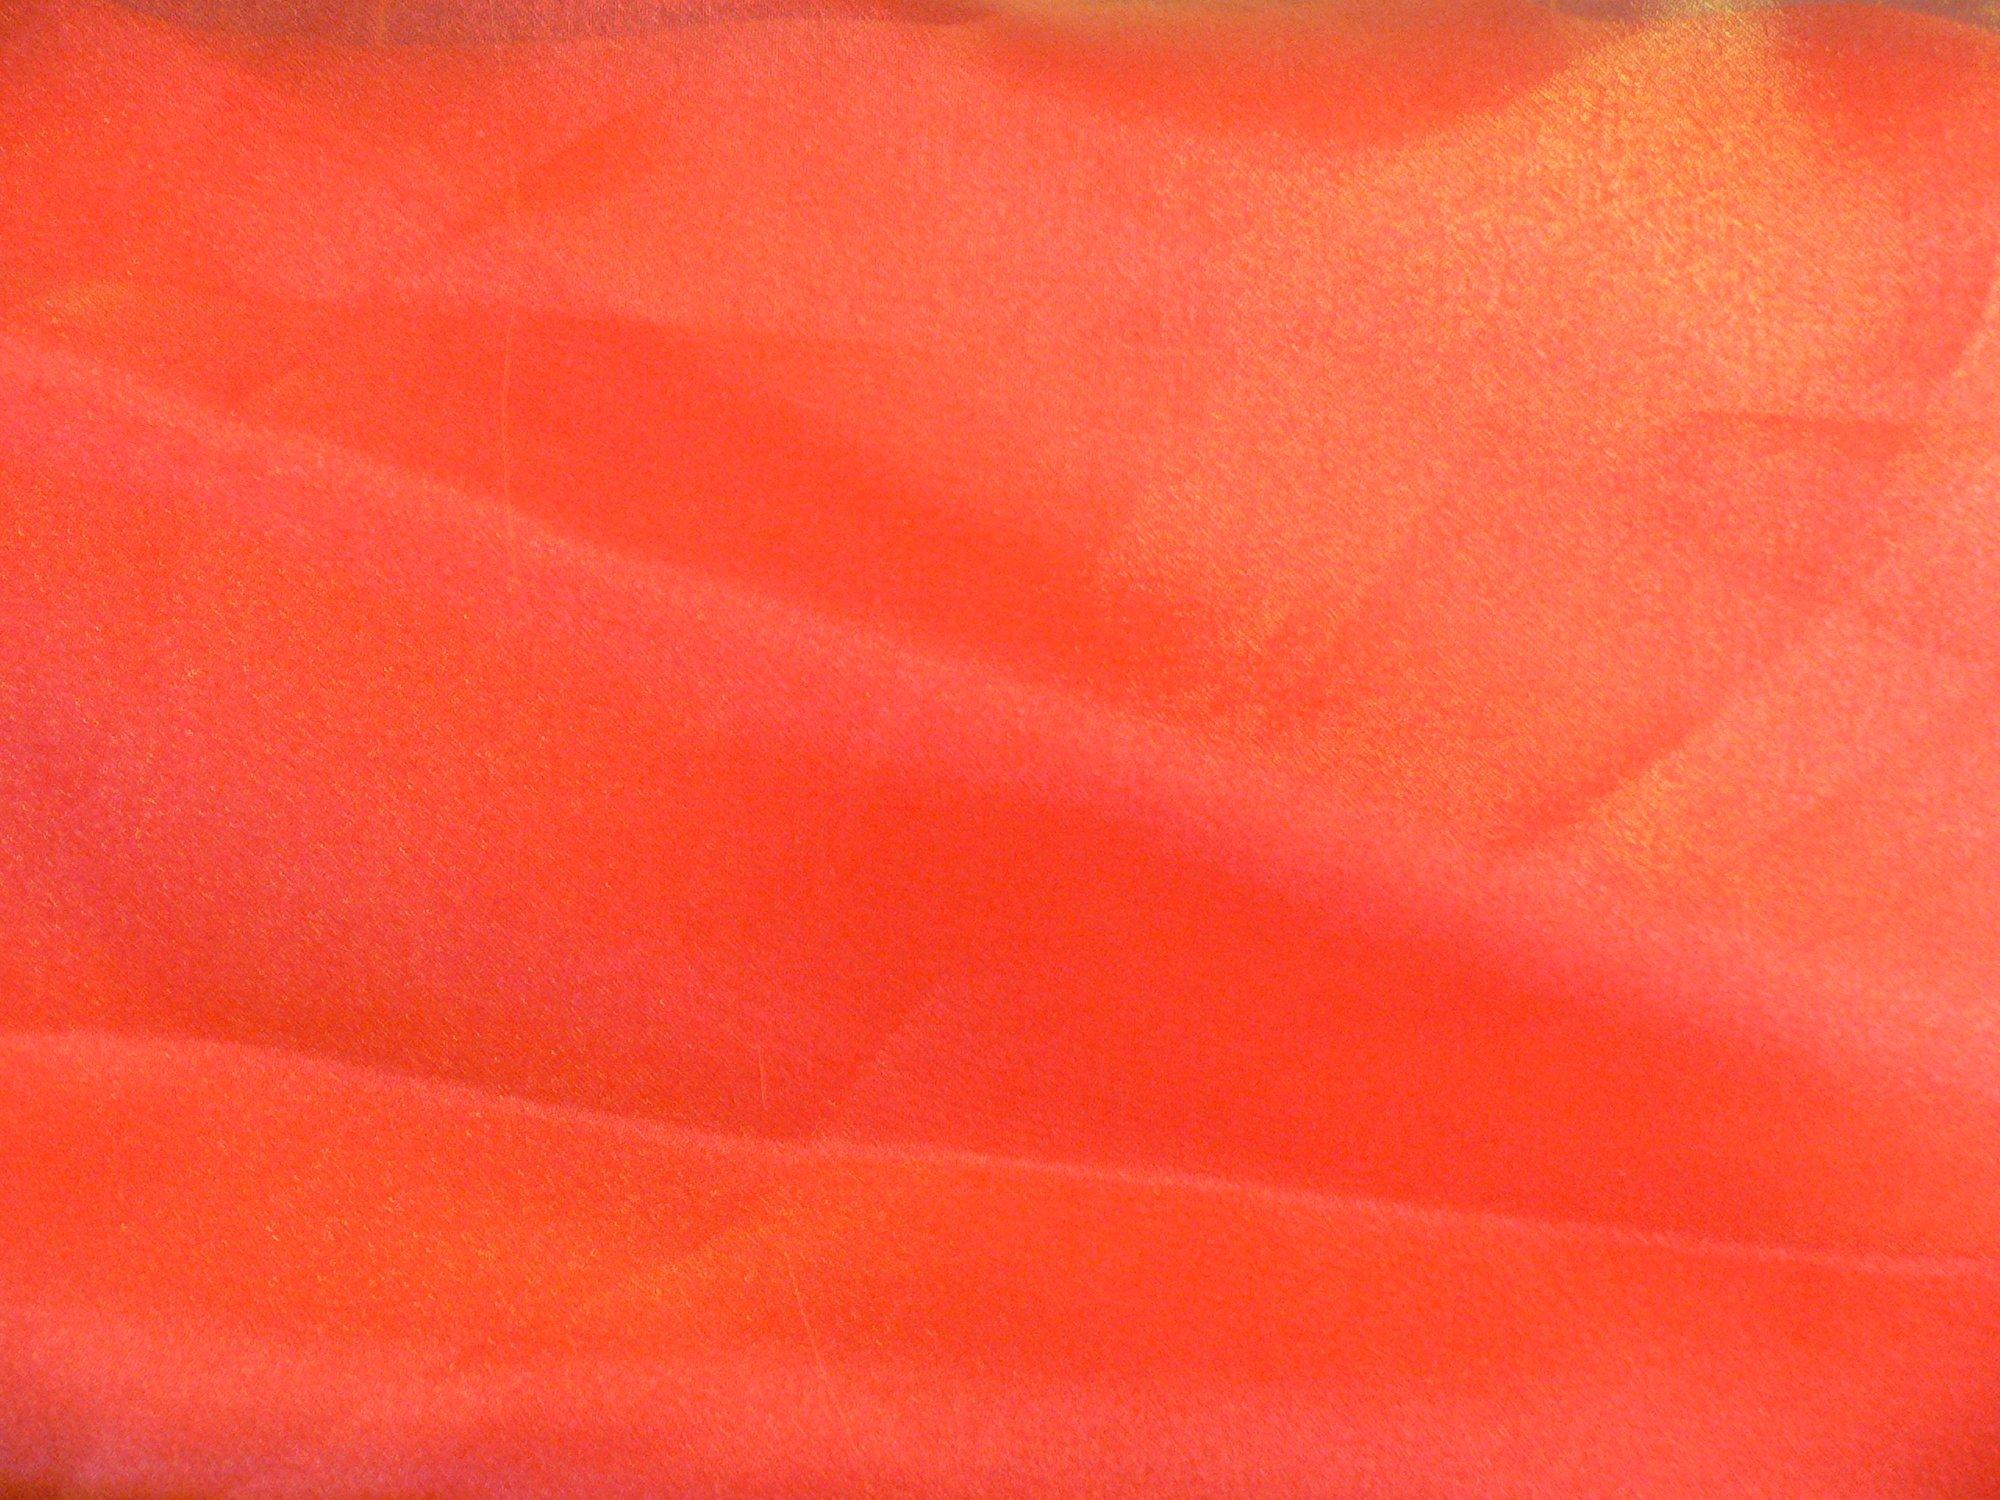 Organza, iridesent orange